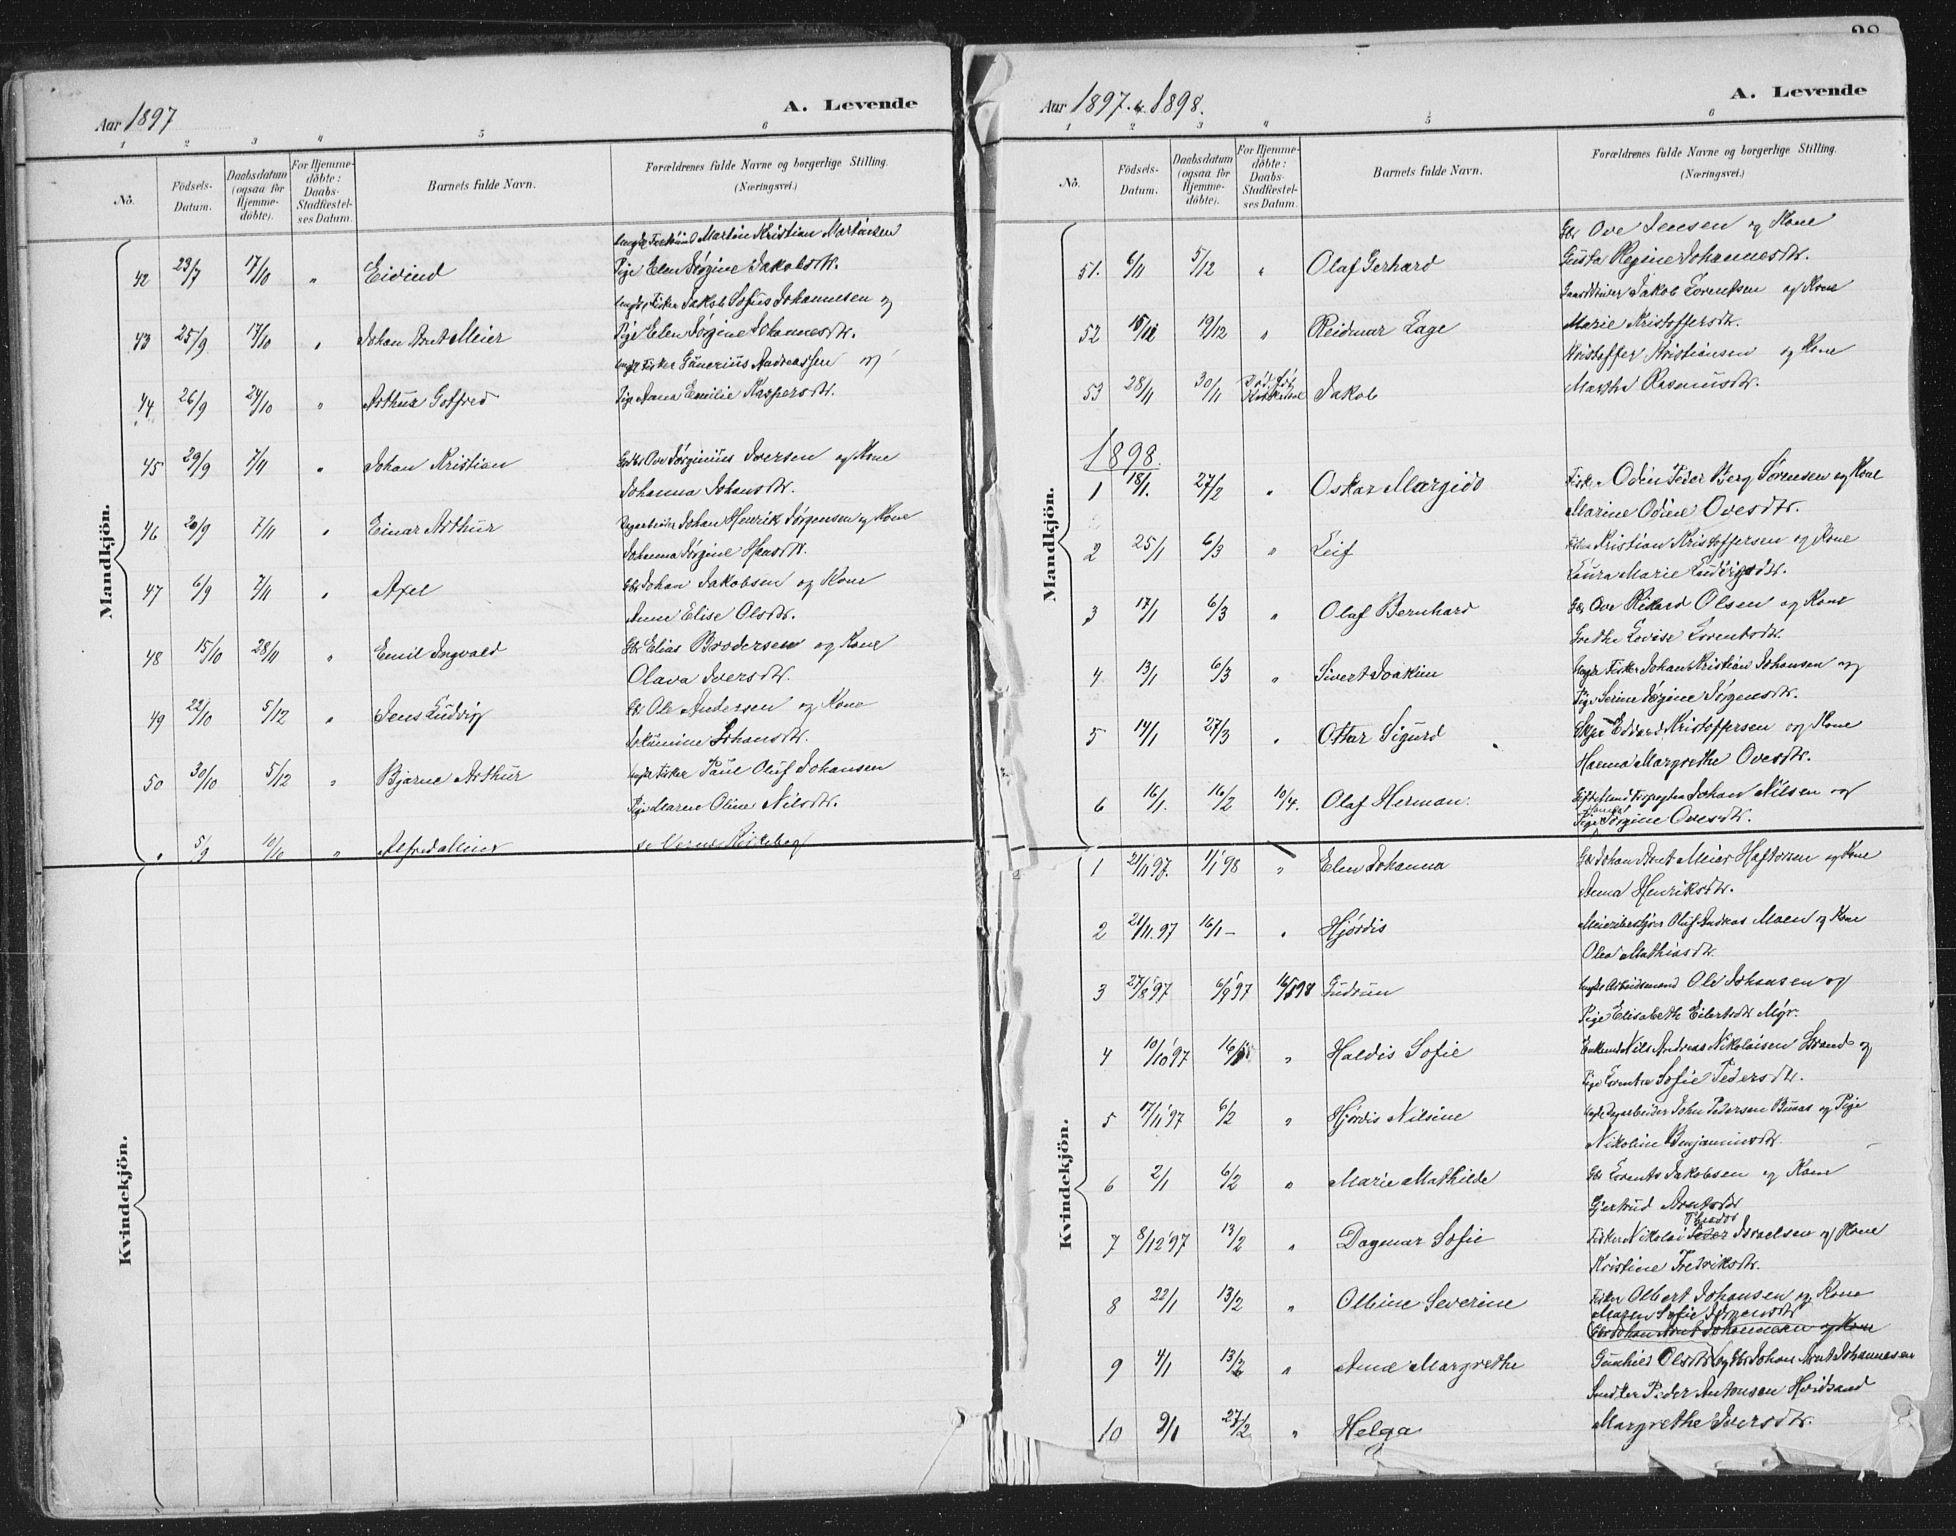 SAT, Ministerialprotokoller, klokkerbøker og fødselsregistre - Sør-Trøndelag, 659/L0743: Ministerialbok nr. 659A13, 1893-1910, s. 27